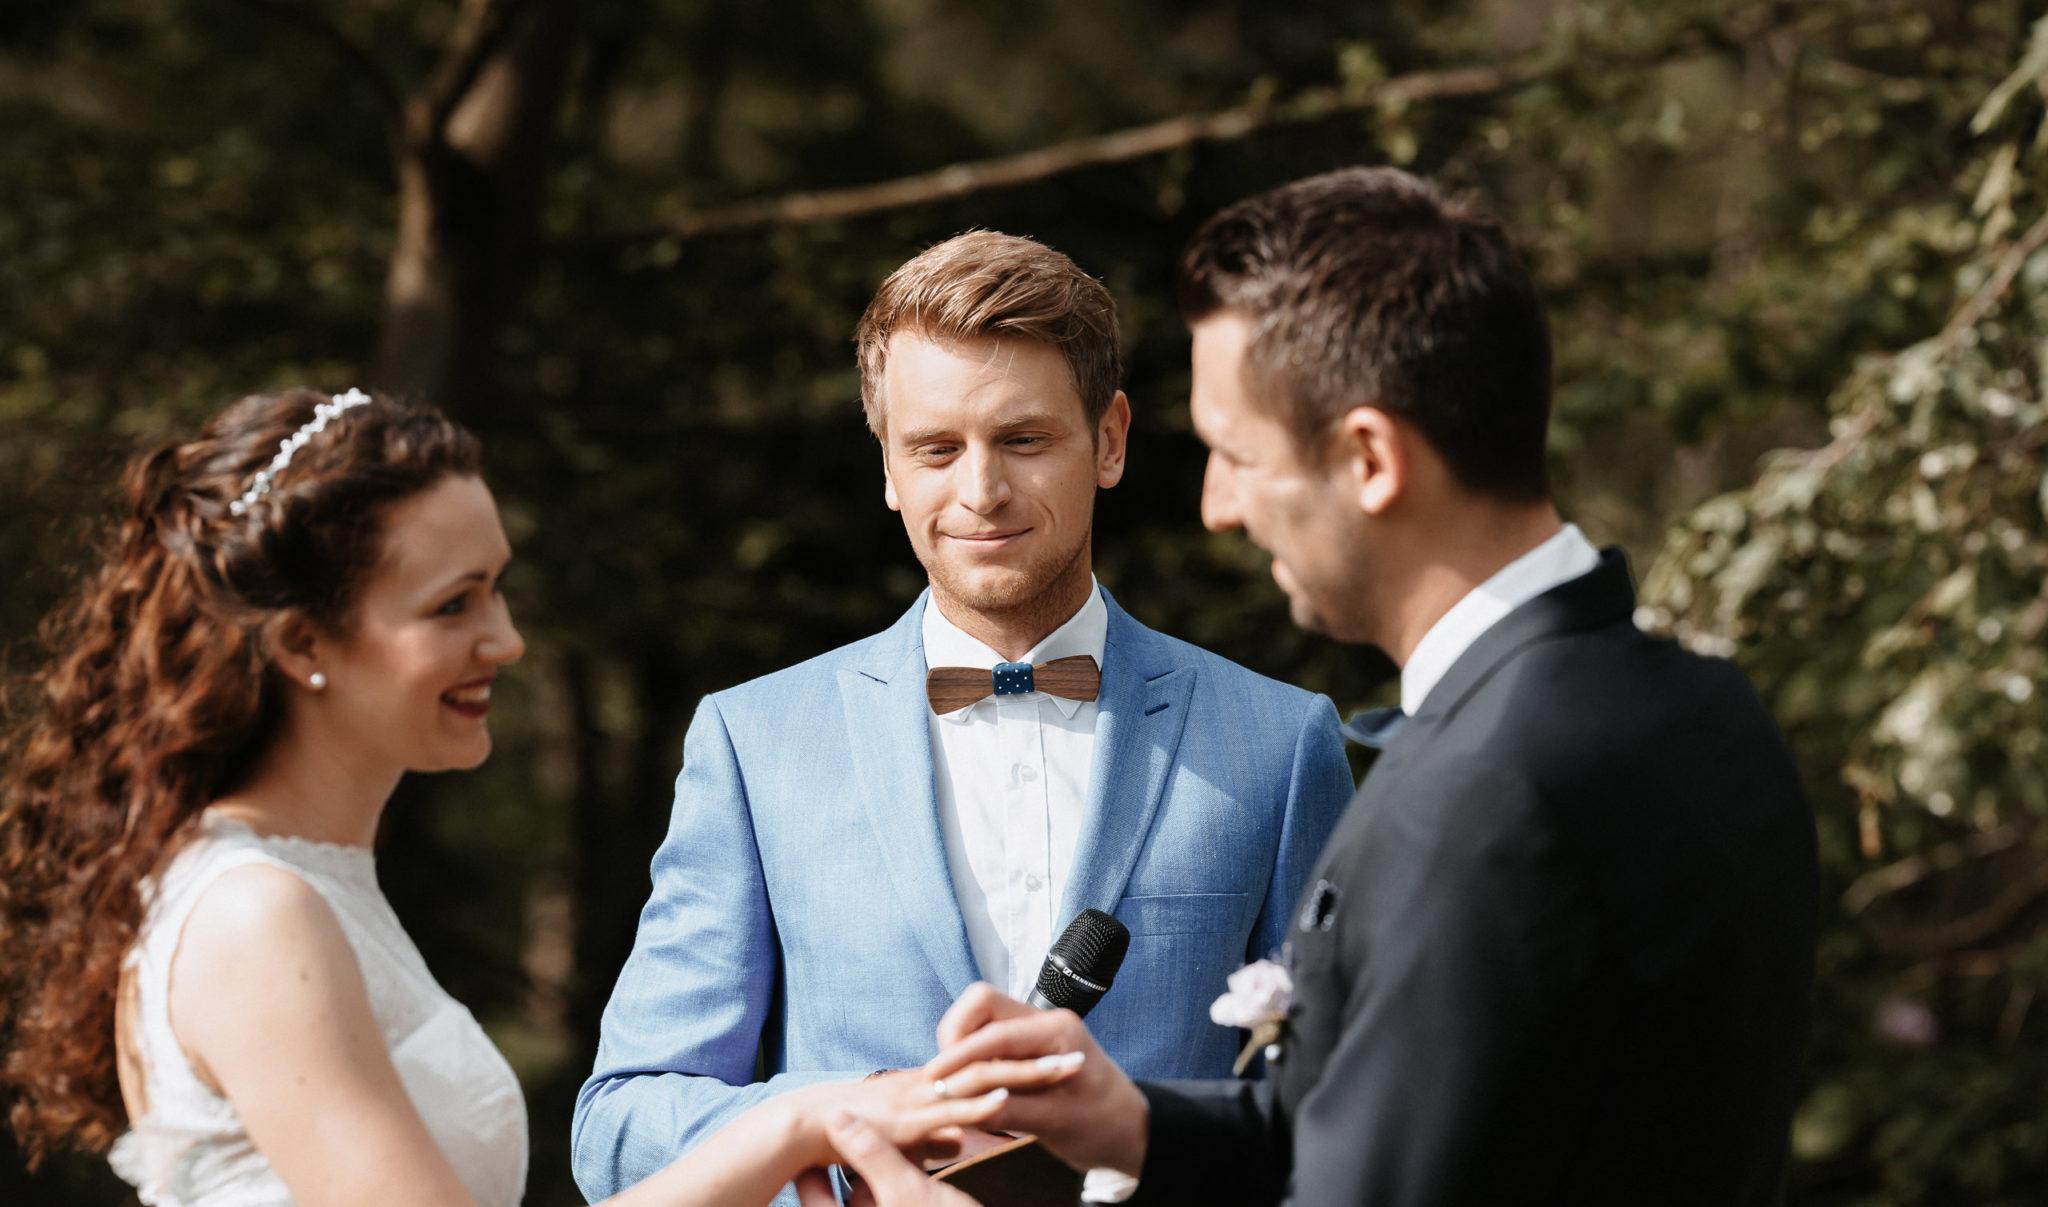 Freier Hochzeitsredner Julian Hügelmeyer mit Brautpaar während einer Freien Trauung beim Austausch der Ringe |Freier Redner werden